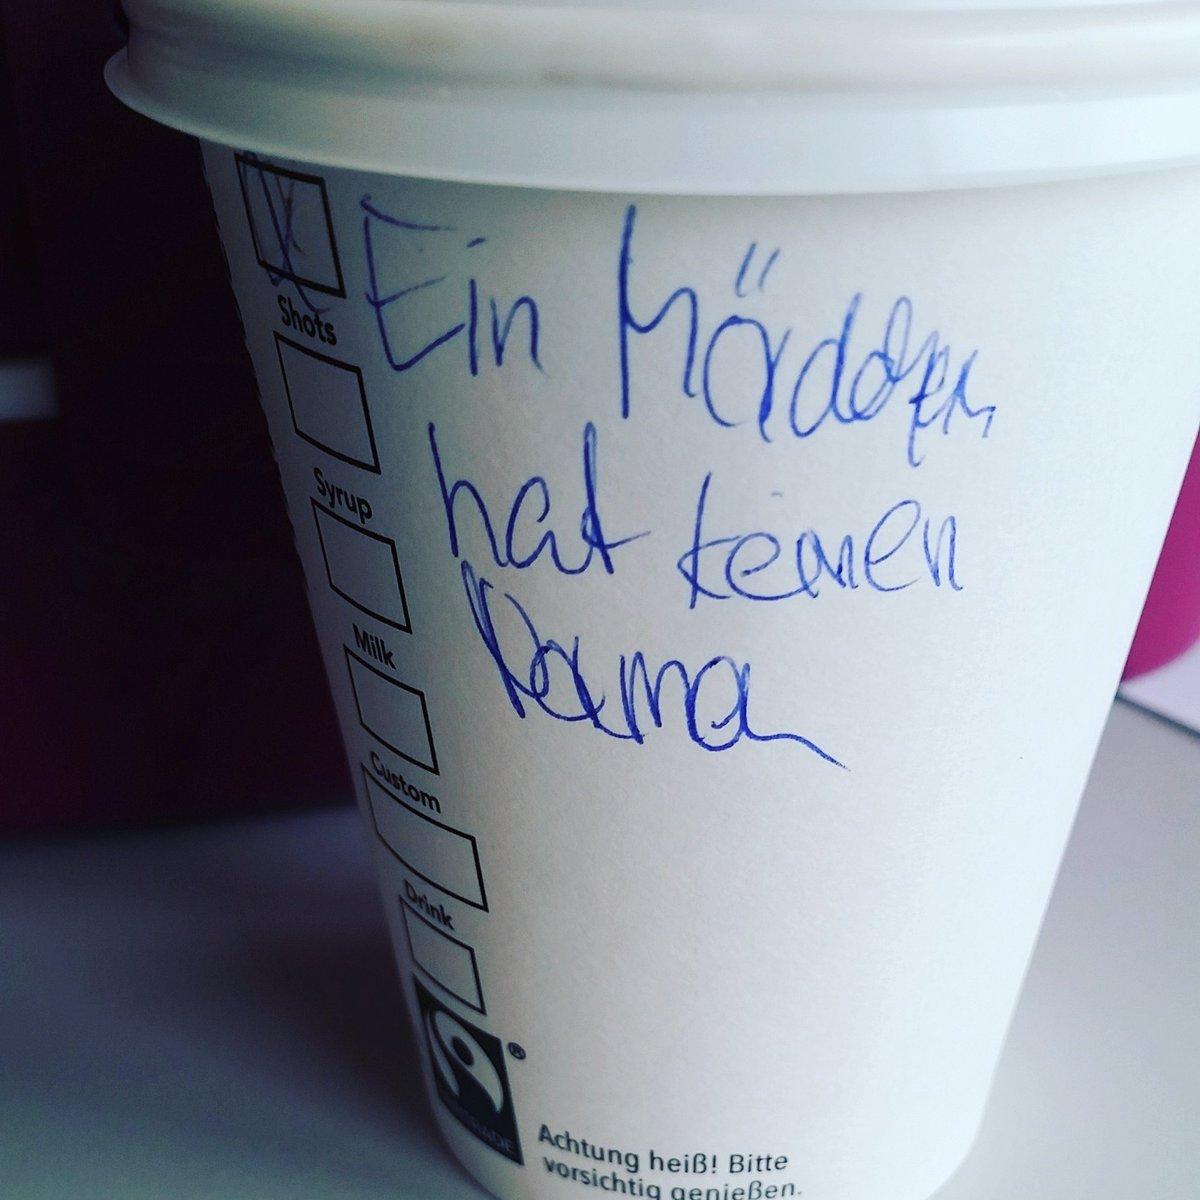 Imperator Nadia On Twitter Ein Mädchen Hat Keinen Namen